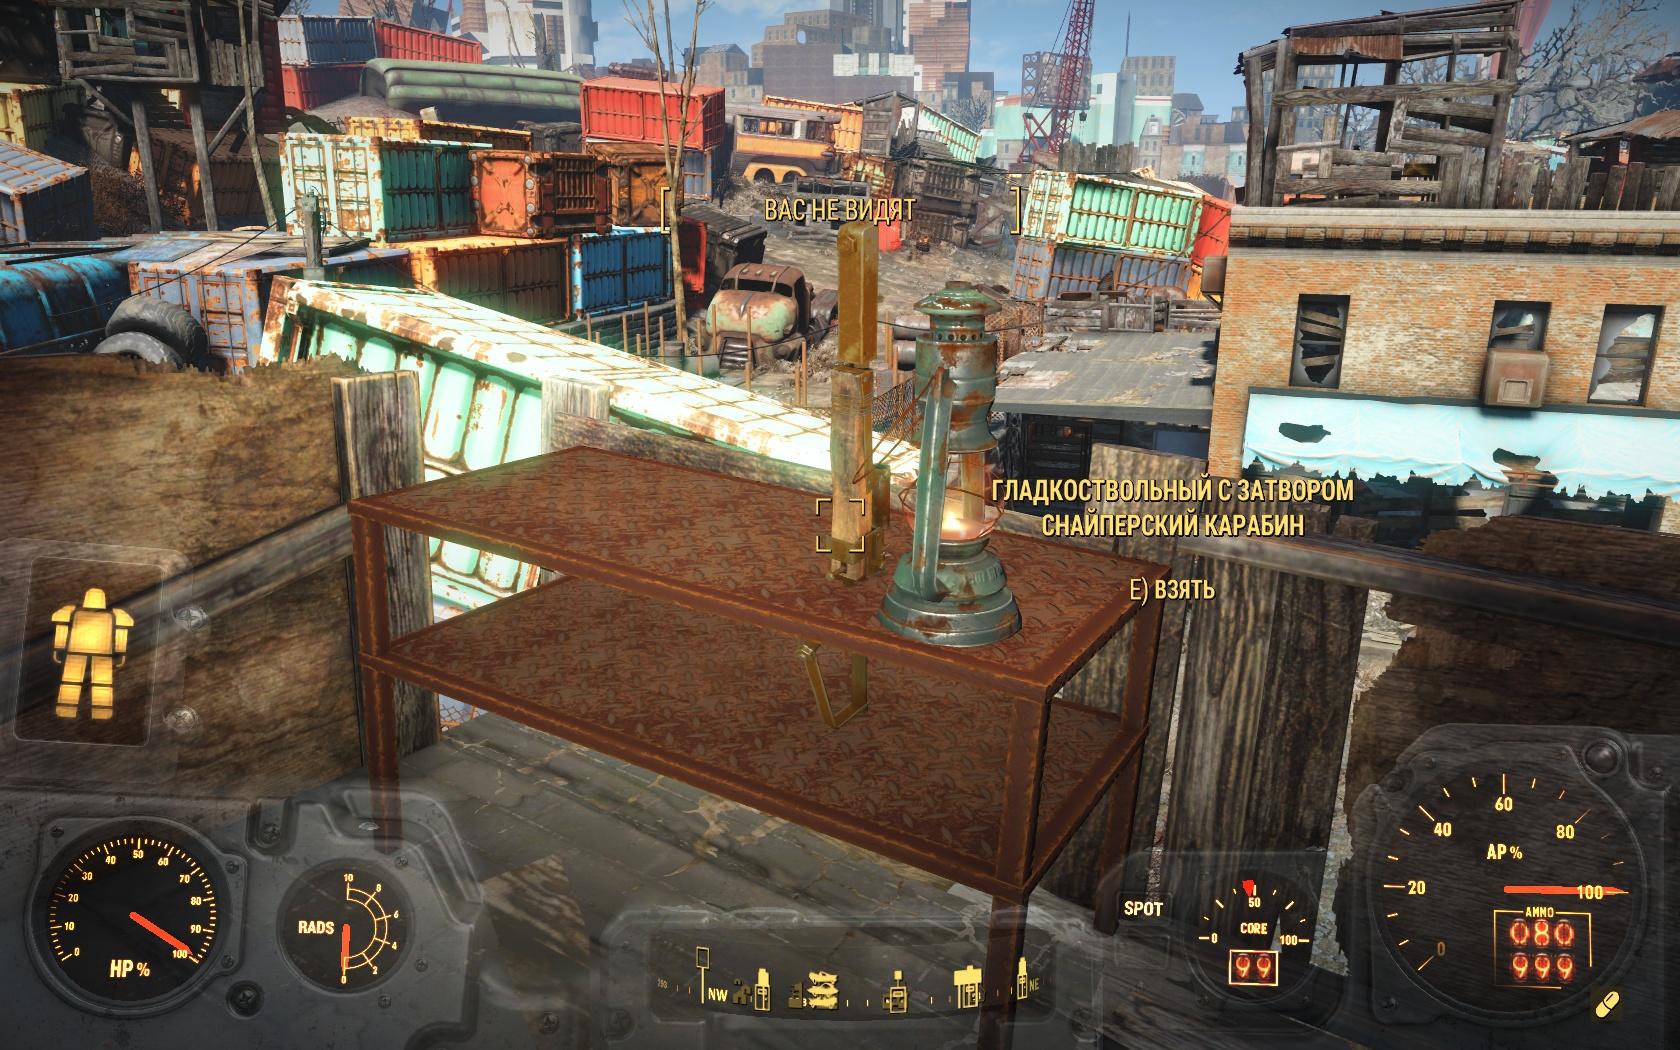 Пронзатель (Свалка Долговязого Джона) - Fallout 4 Баг, Джон, Долговязый, Оружие, Свалка, Свалка Долговязого Джона